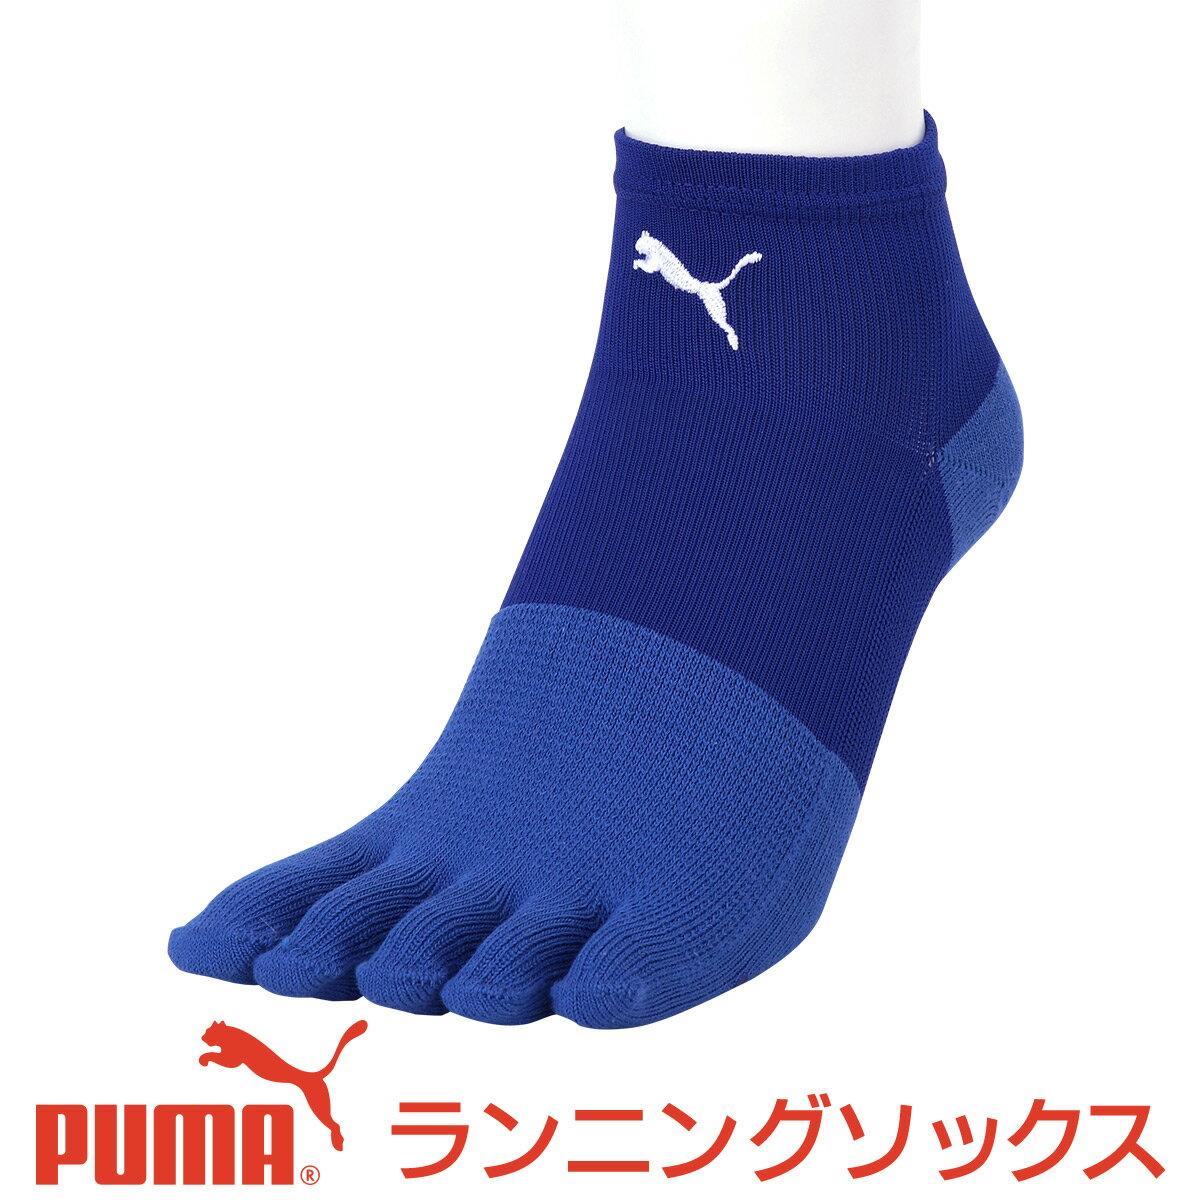 セール!30%OFF PUMA ( プーマ ) メンズ 靴下 足底滑り止め付き アーチフィ…...:glanage-leg:10001317